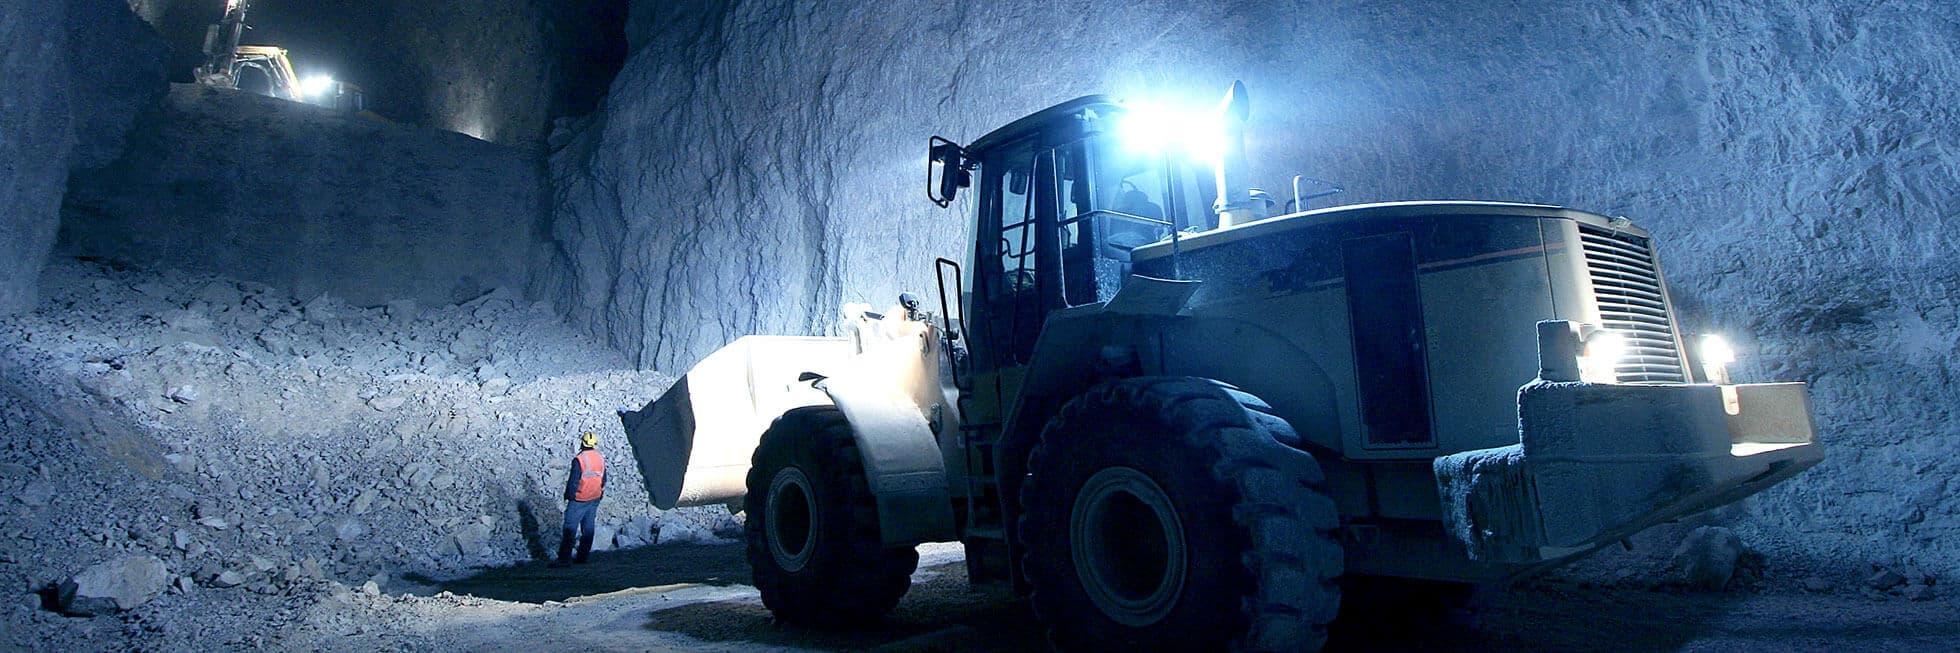 véhicule de construction souterrain